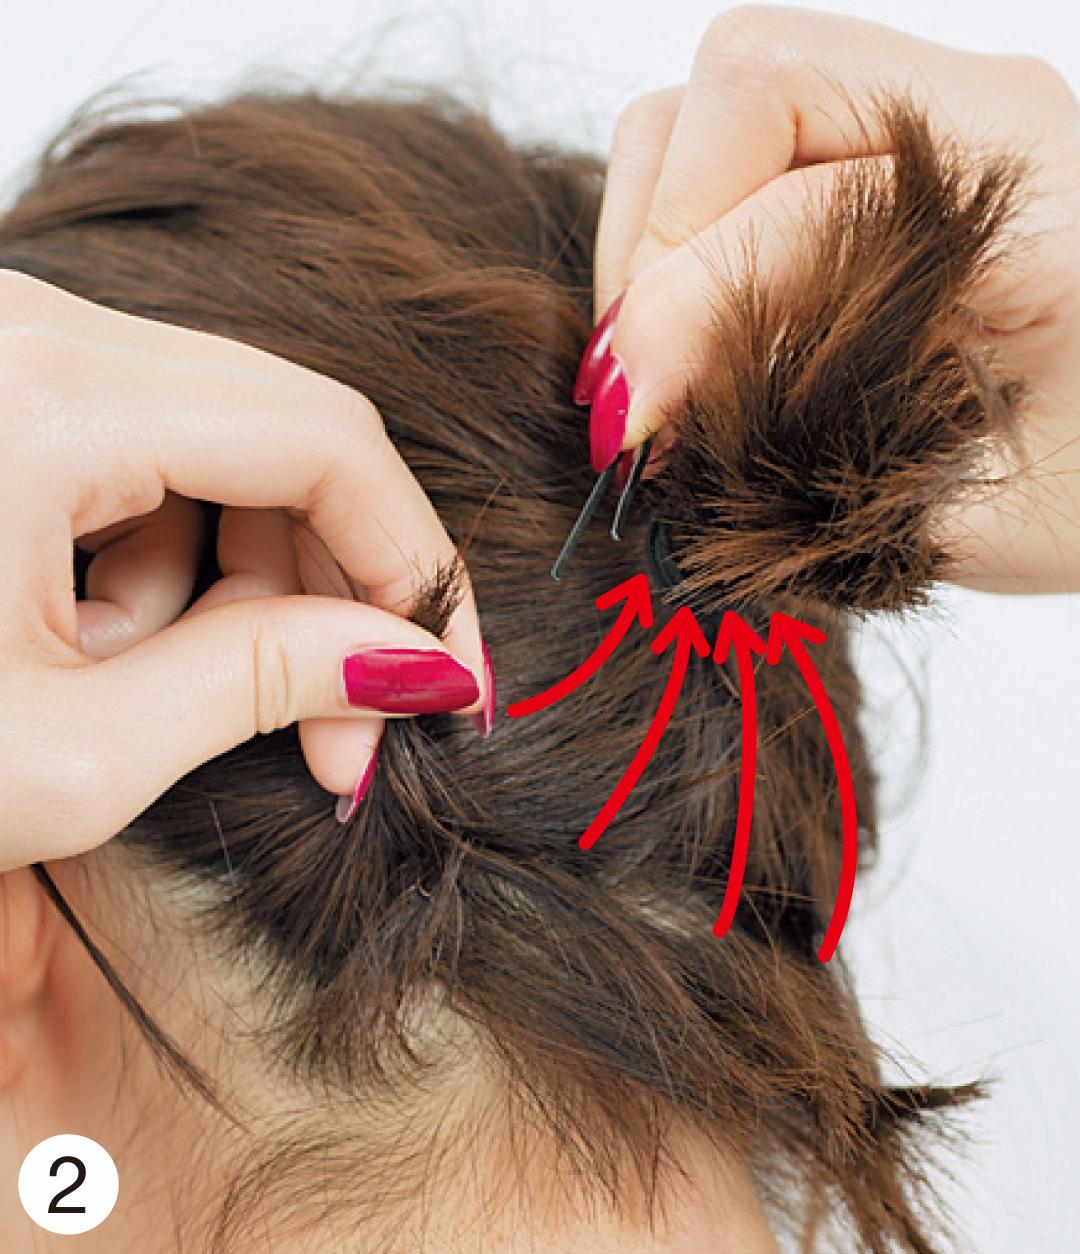 短くて結べない髪は、いくつかの毛束に分け、毛先を結び目に向かって持っていきピンで固定。細かく分けて留めるとより崩れにくい。